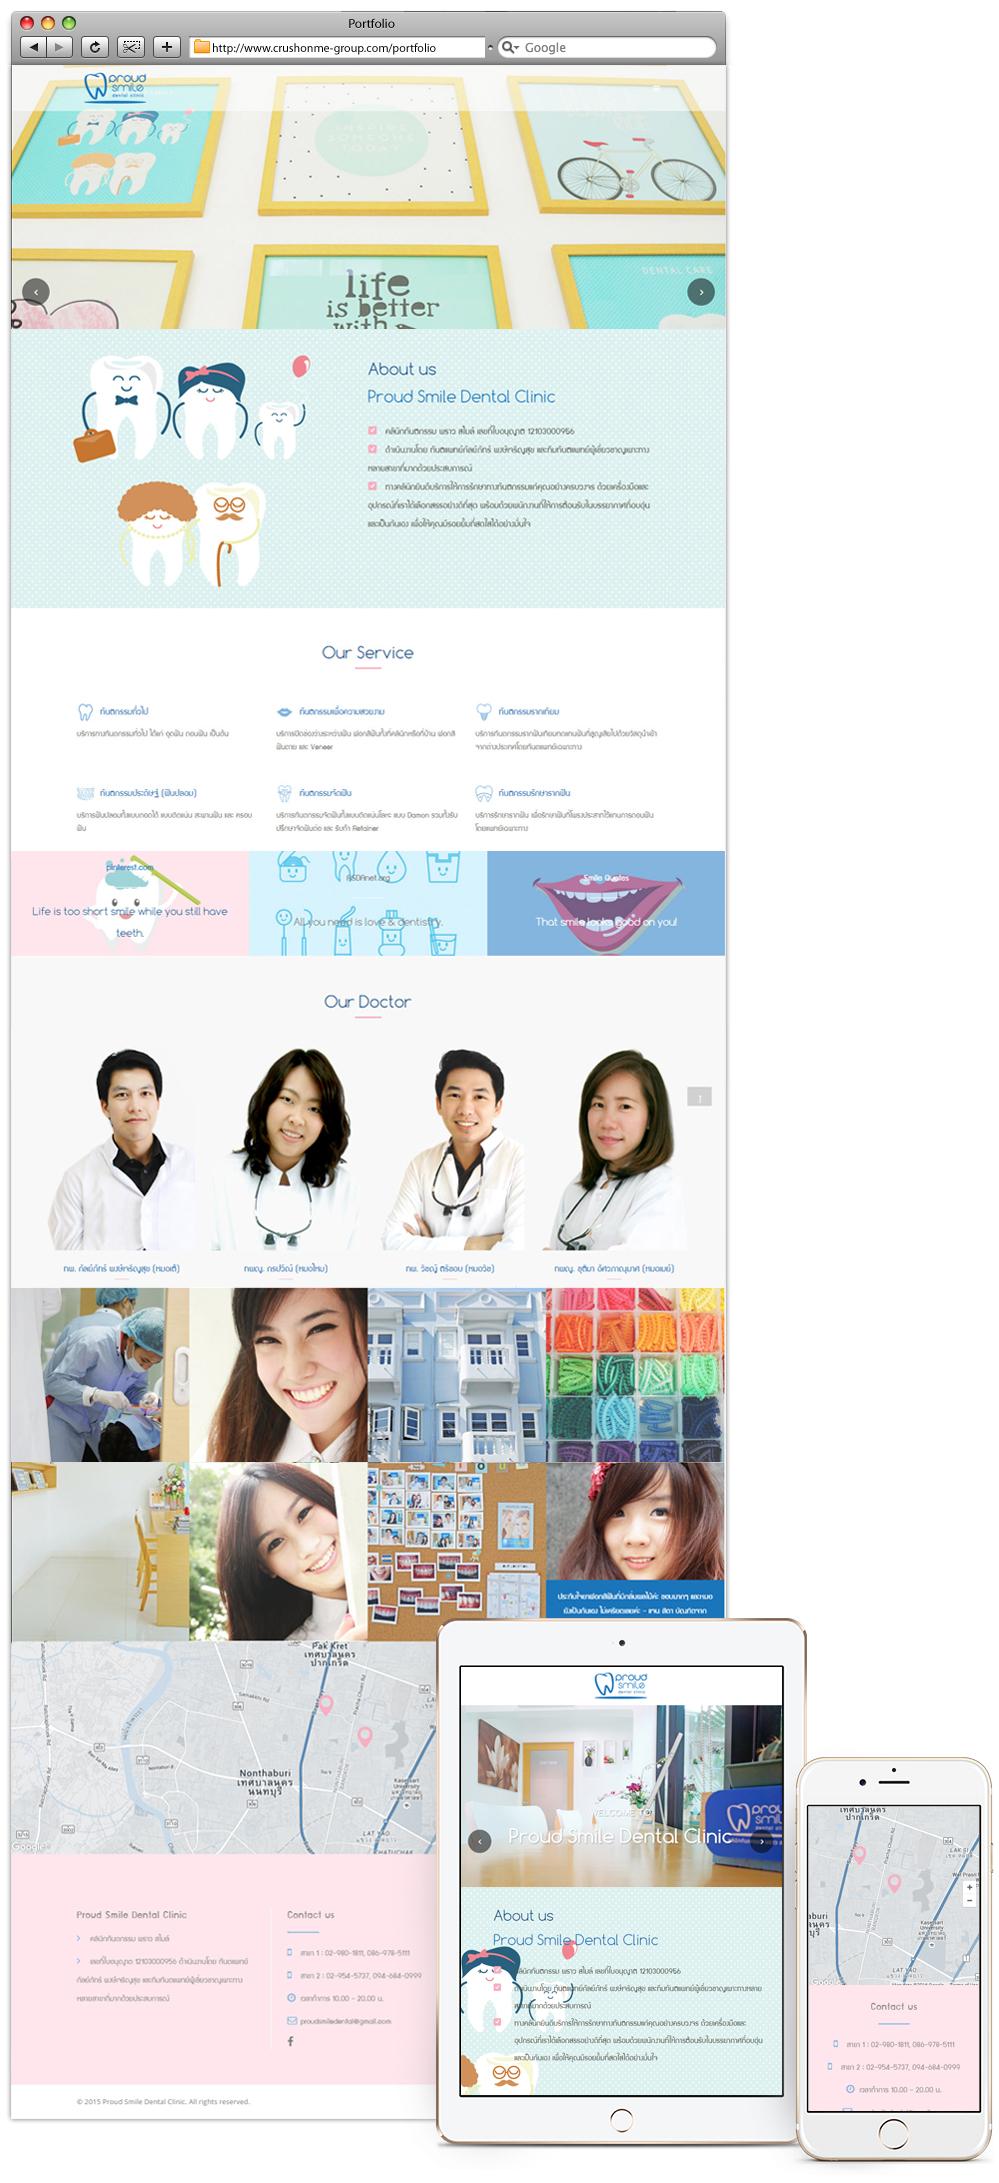 proud-smile-dental-clinic-พราวสไมล์-จัดฟันทำฟัน-crushonme-รับออกแบบเว็บไซต์-บริษัทรับทำ-Website-ครัชออนมี